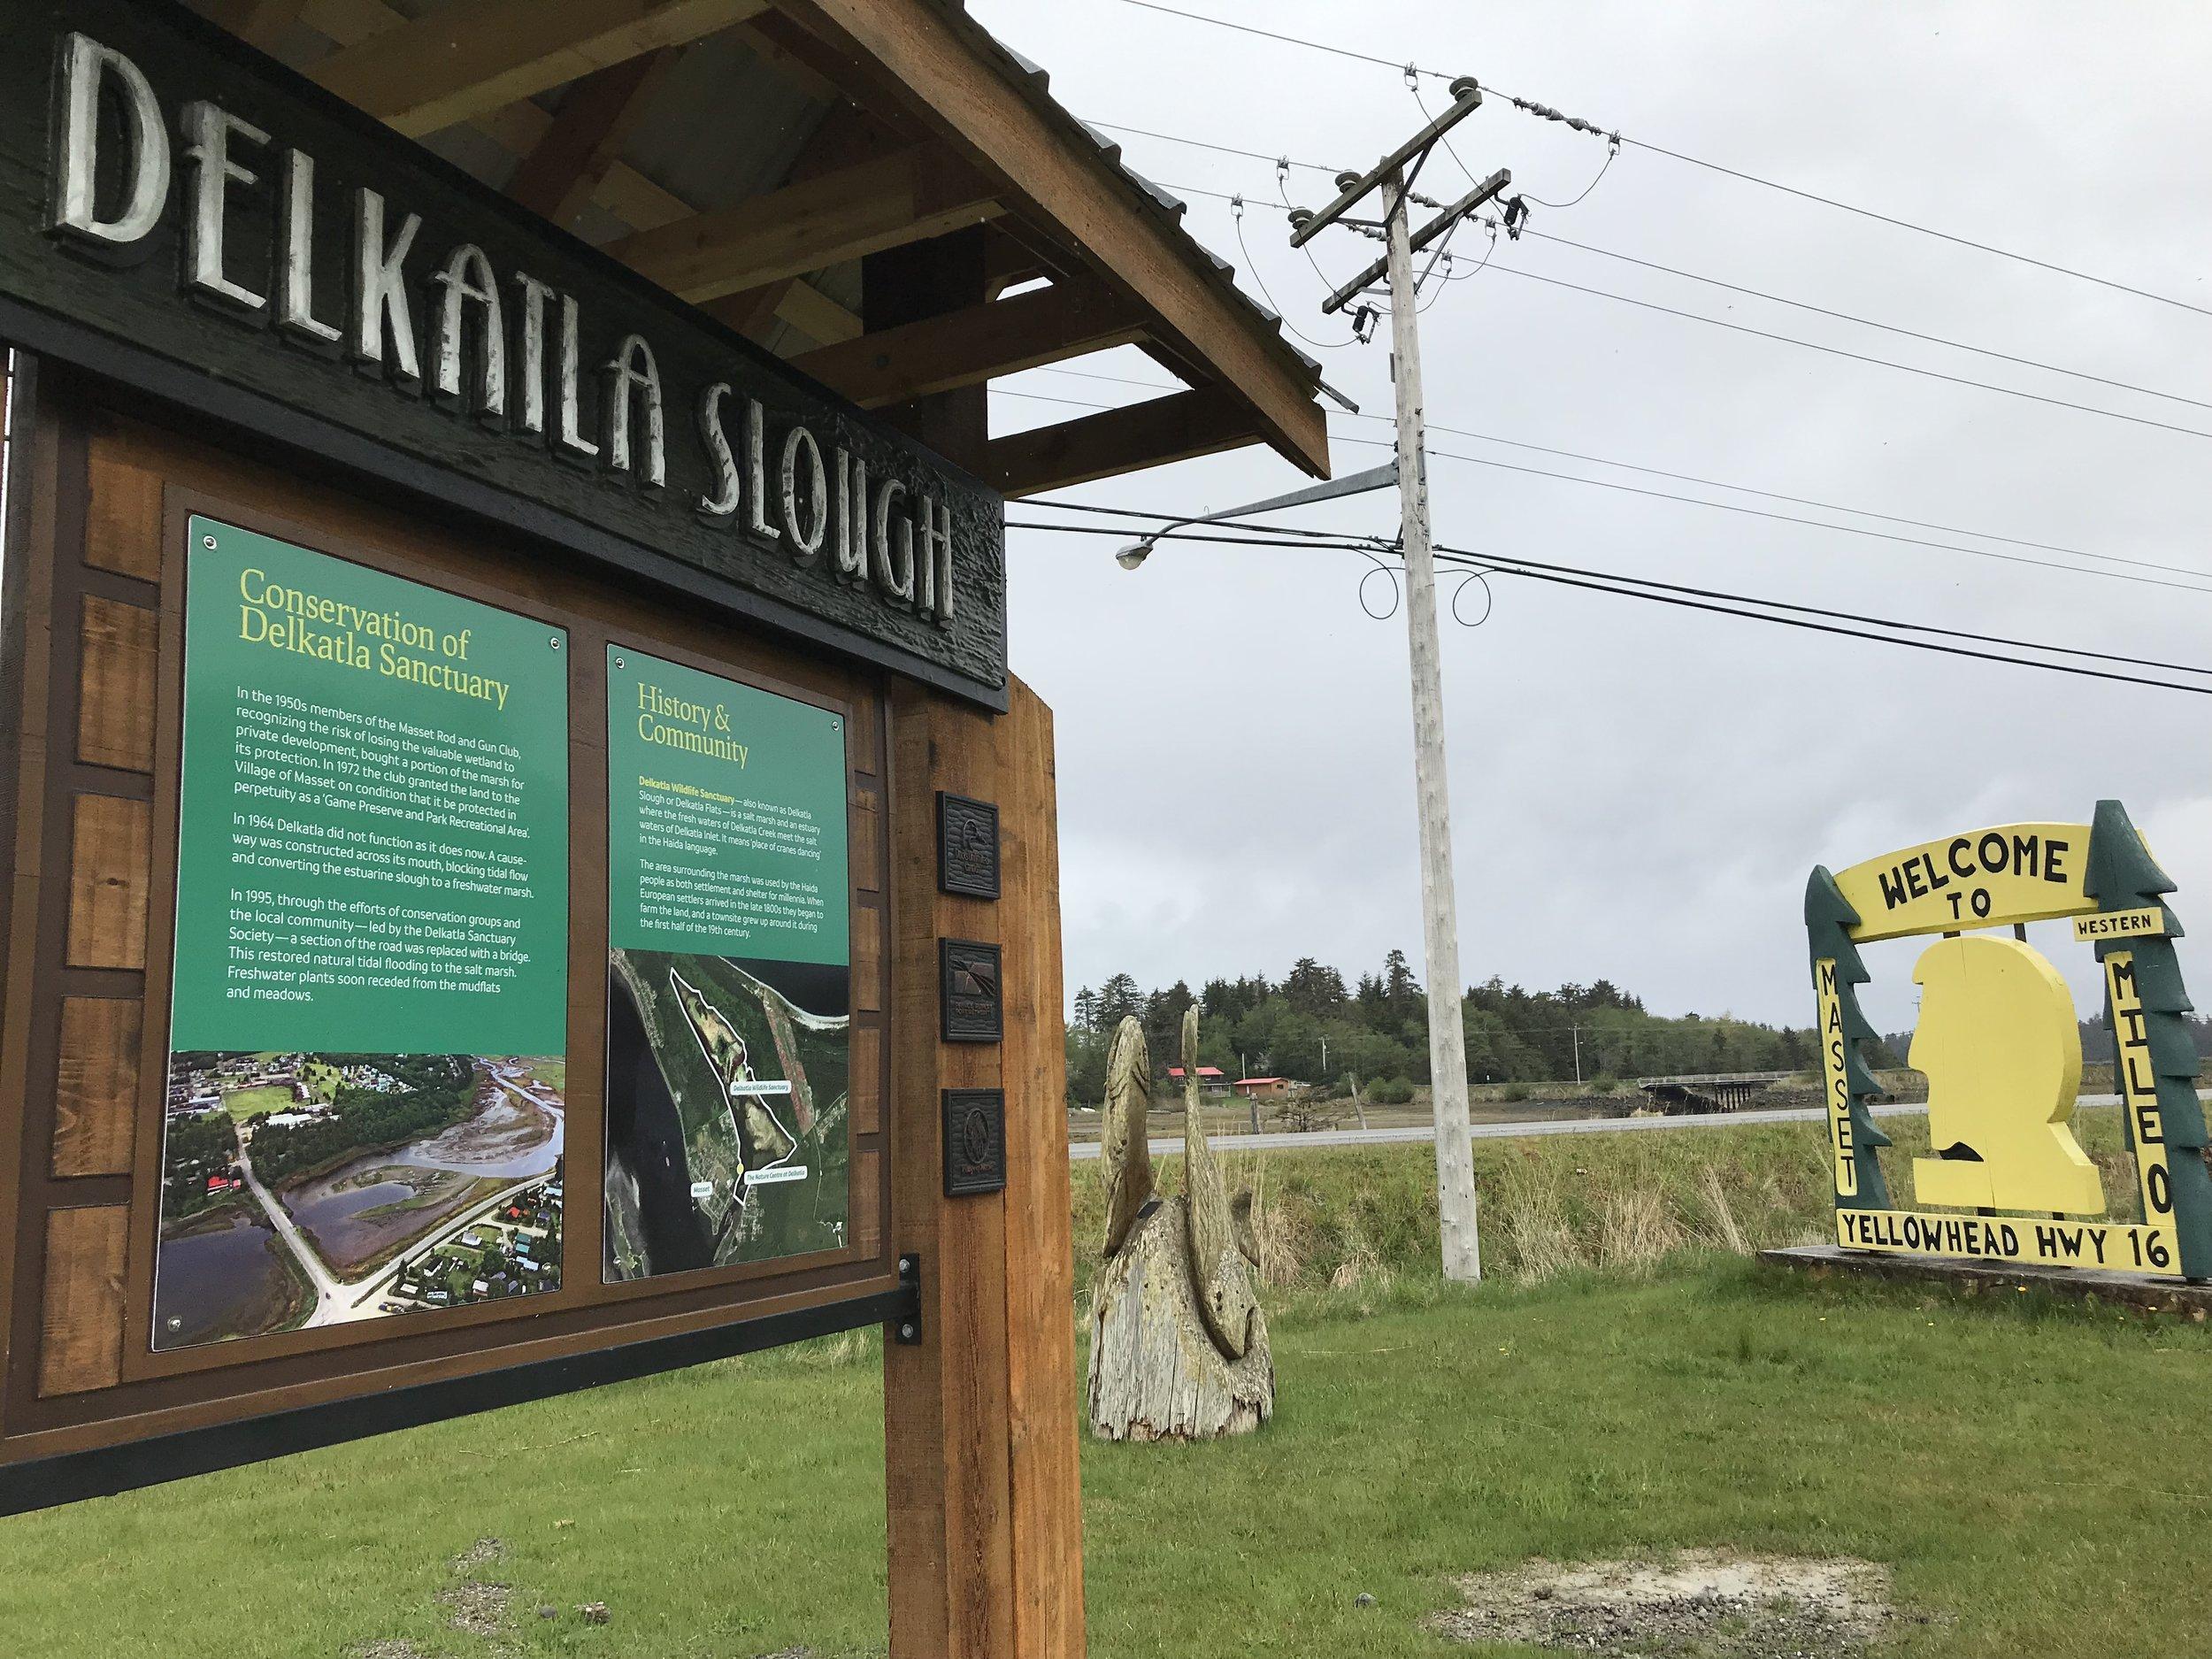 A quick stop at Delkatla Slough